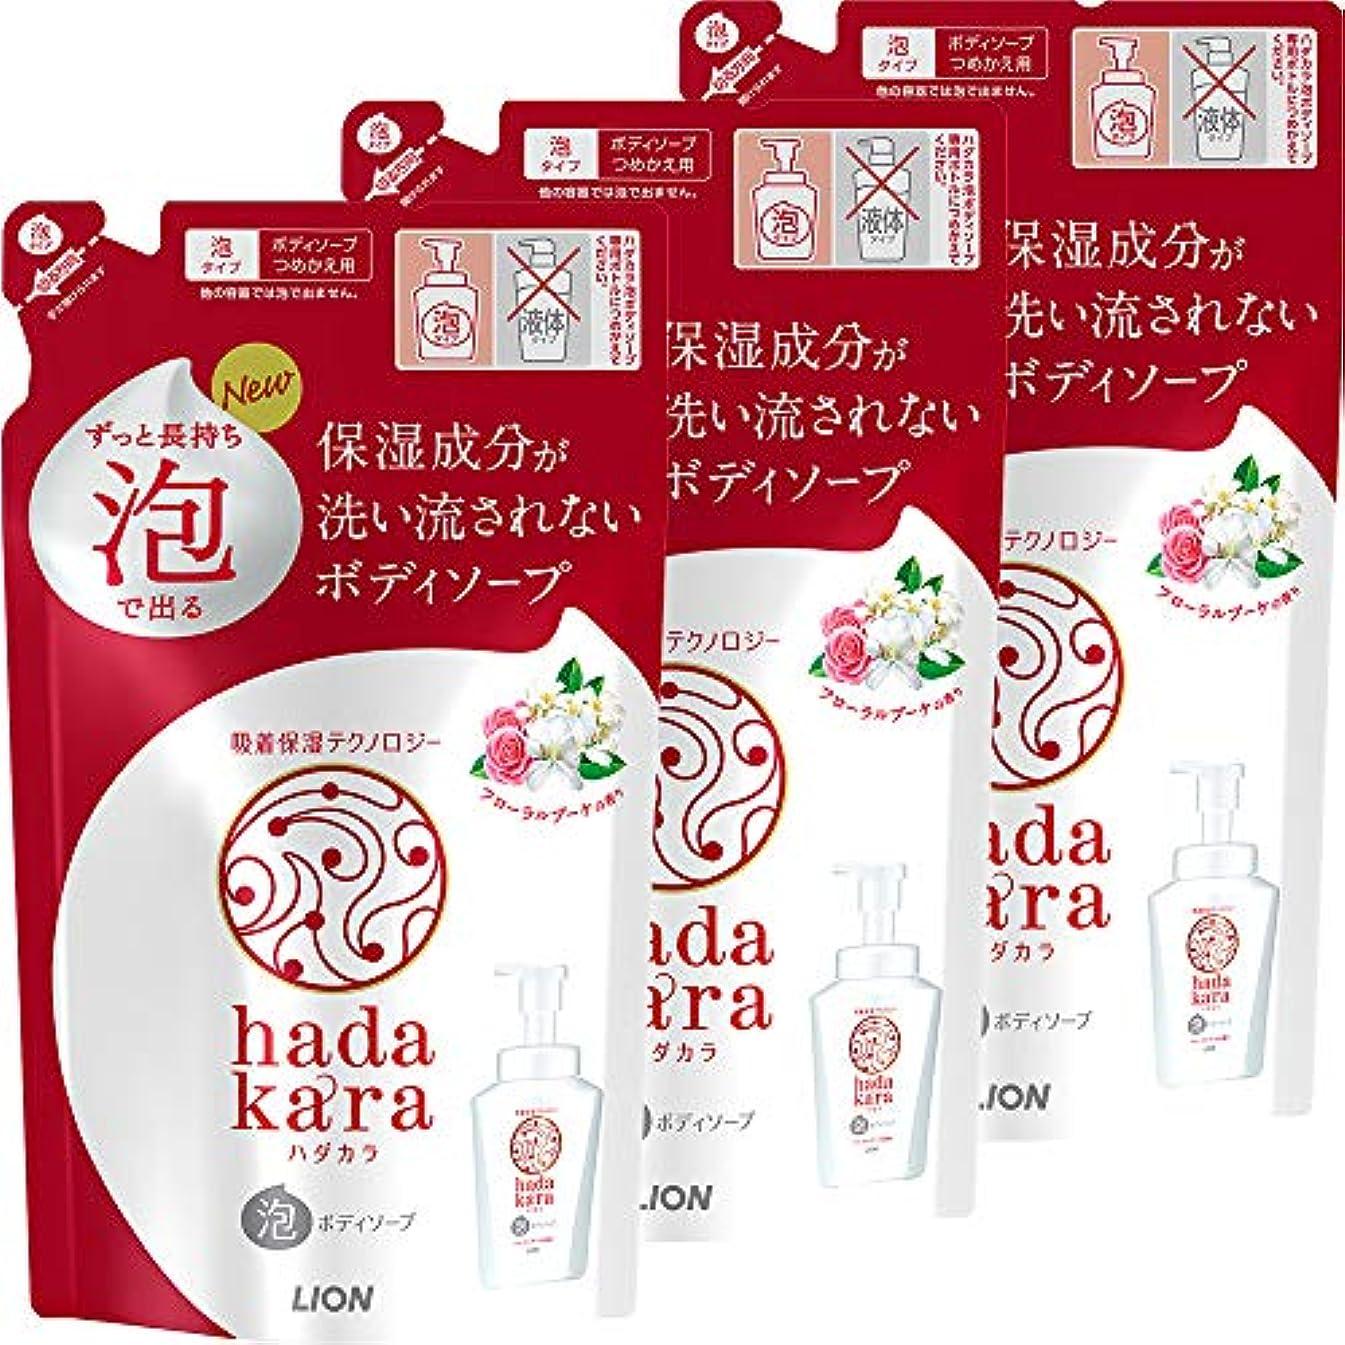 宇宙のキラウエア山静かなhadakara(ハダカラ) ボディソープ 泡タイプ フローラルブーケの香り 詰替440ml×3個